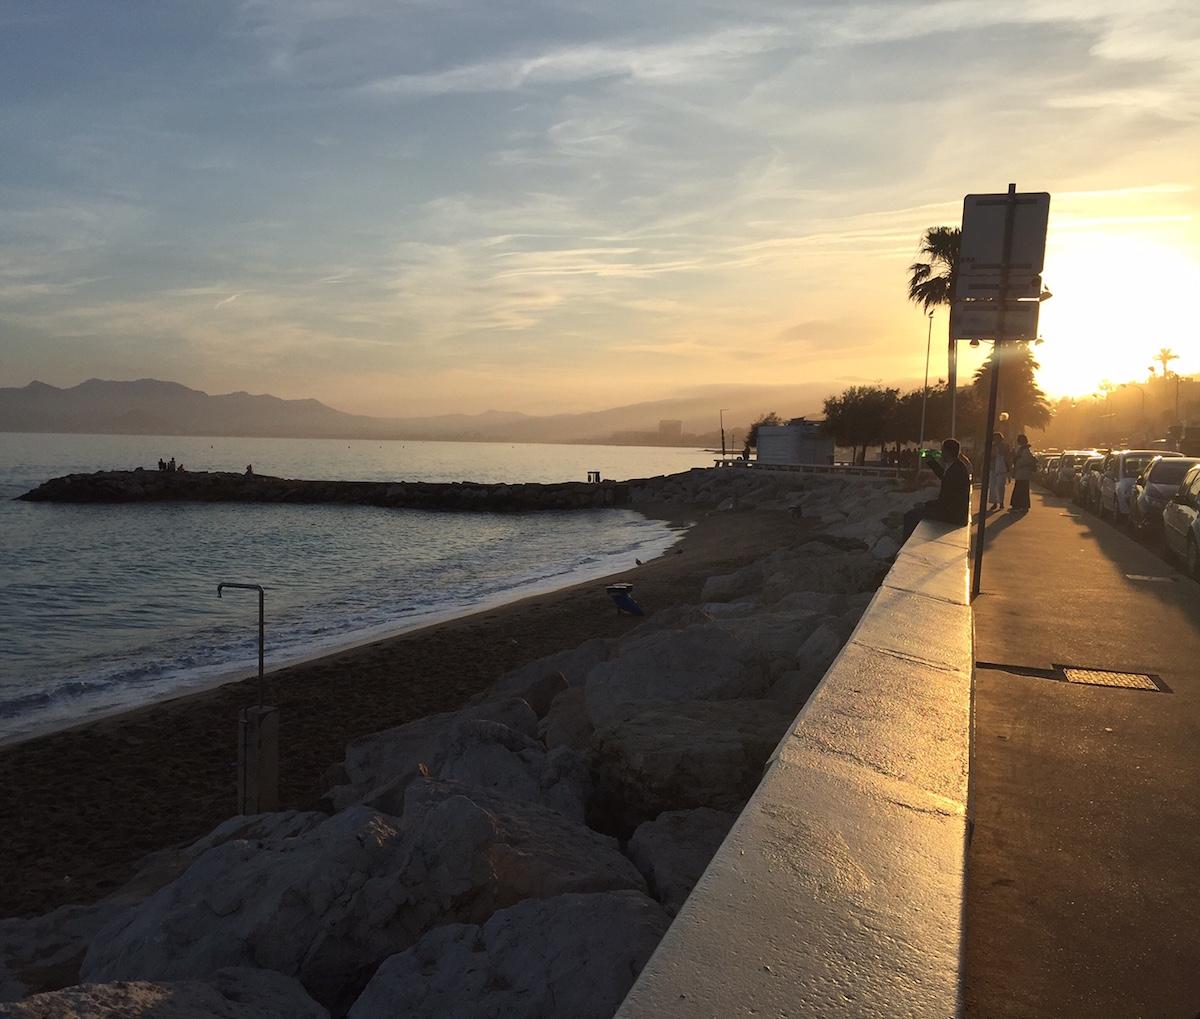 Retirado del epicentro del Festival, caminar por la orilla de la playa es una opción para disfrutar de la ciudad. (Crédito: CNNEspañol / MVL)